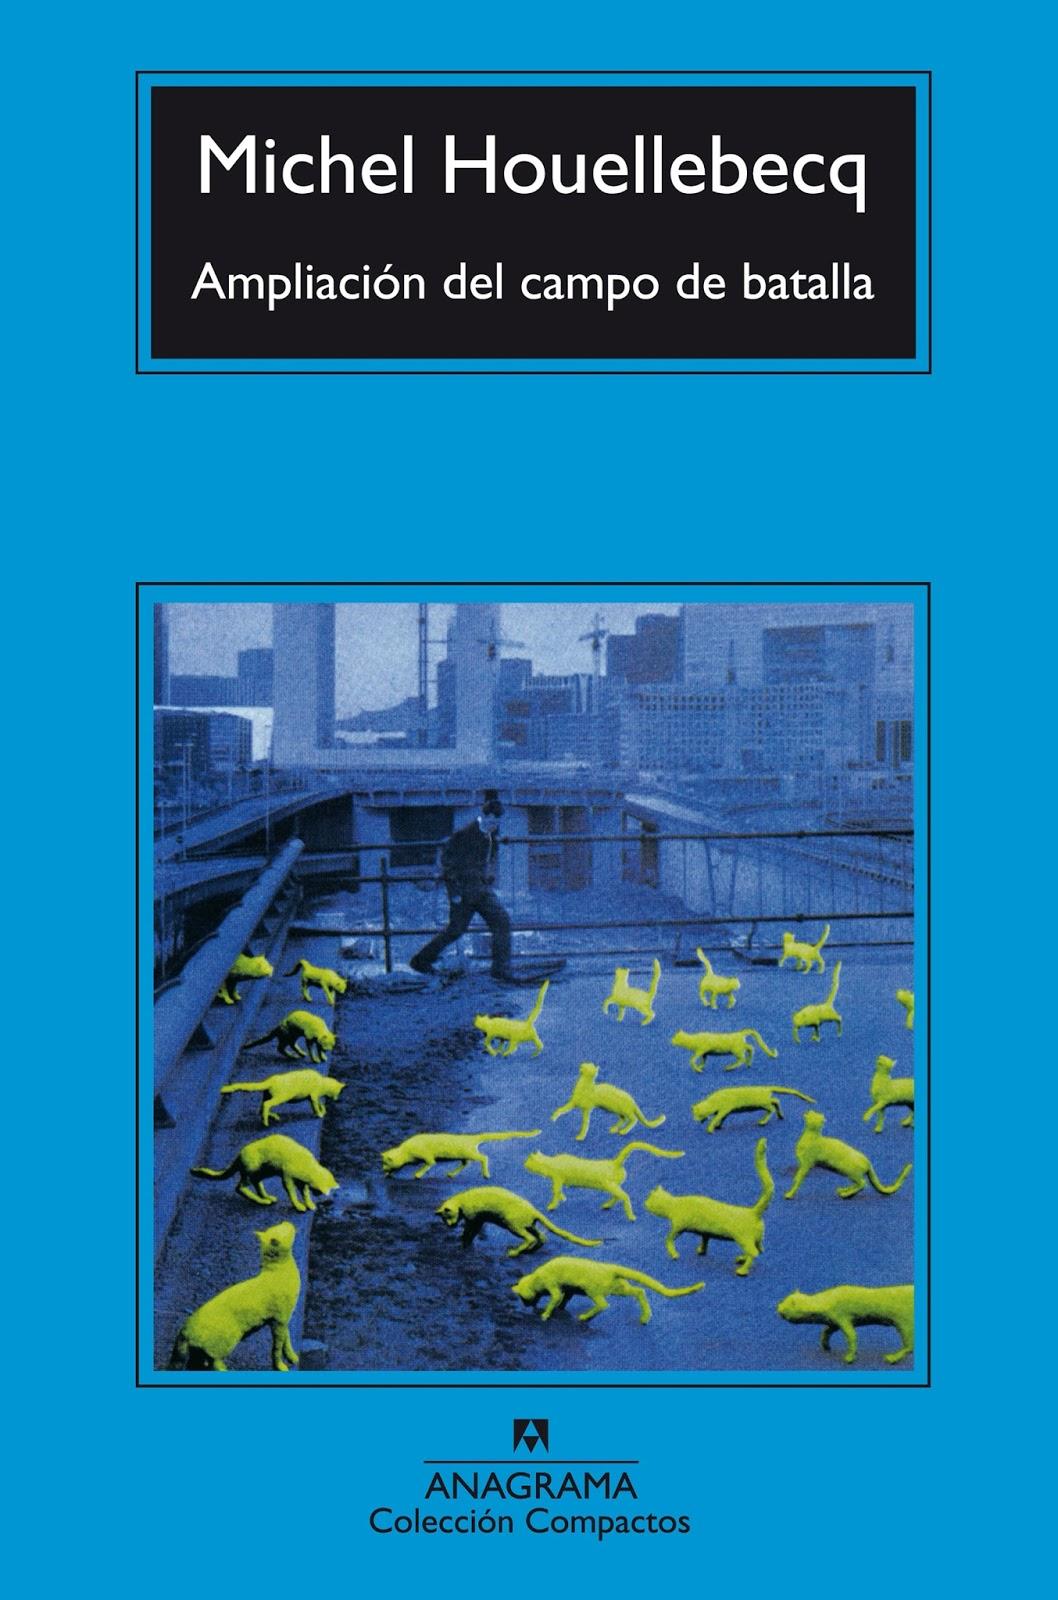 """""""Ampliación del campo de batalla"""" (1994), de Michel Houellebecq"""